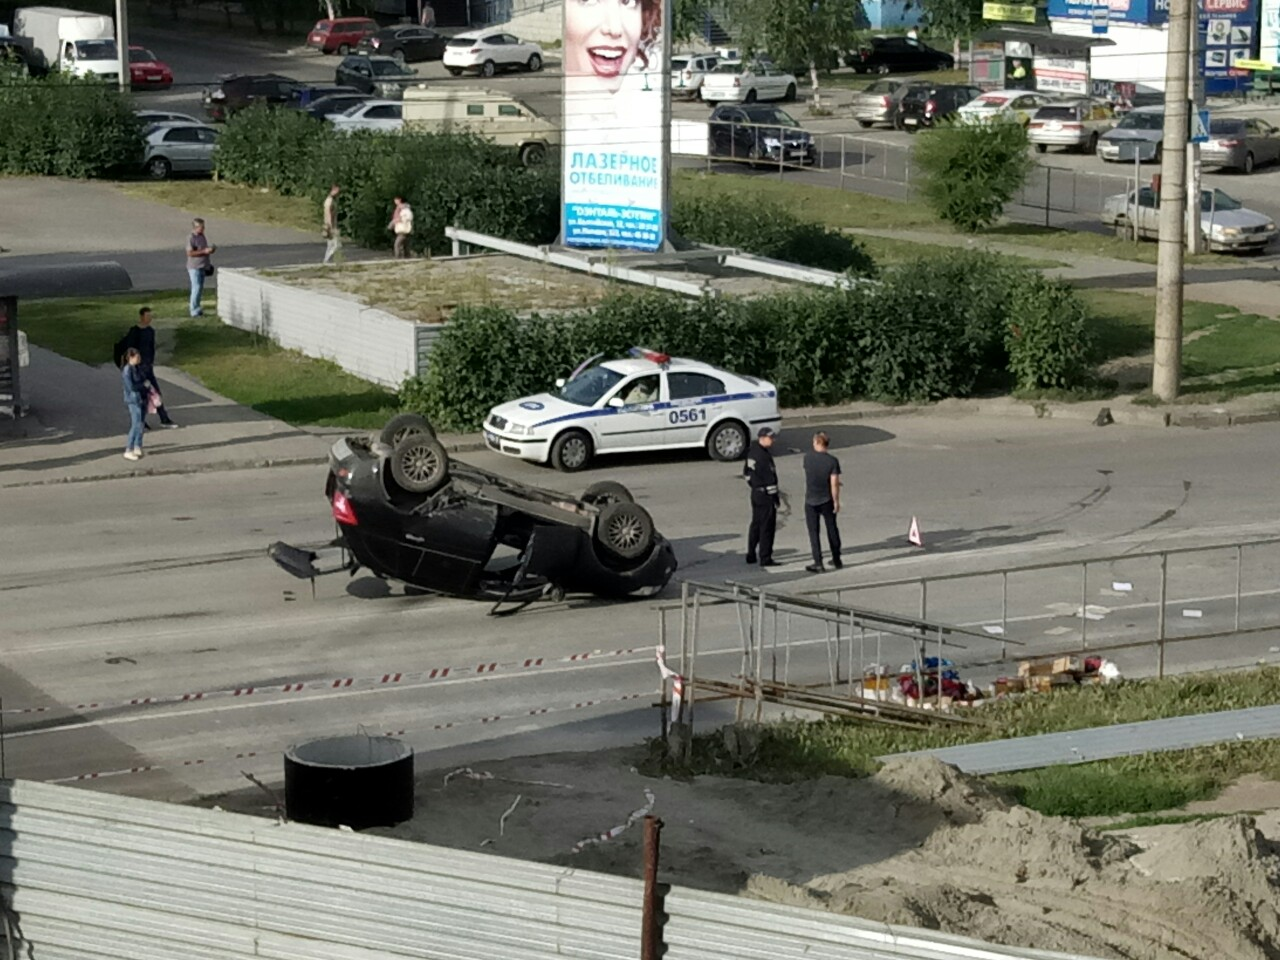 ДТП в Барнауле: автомобиль перевернулся на крышу